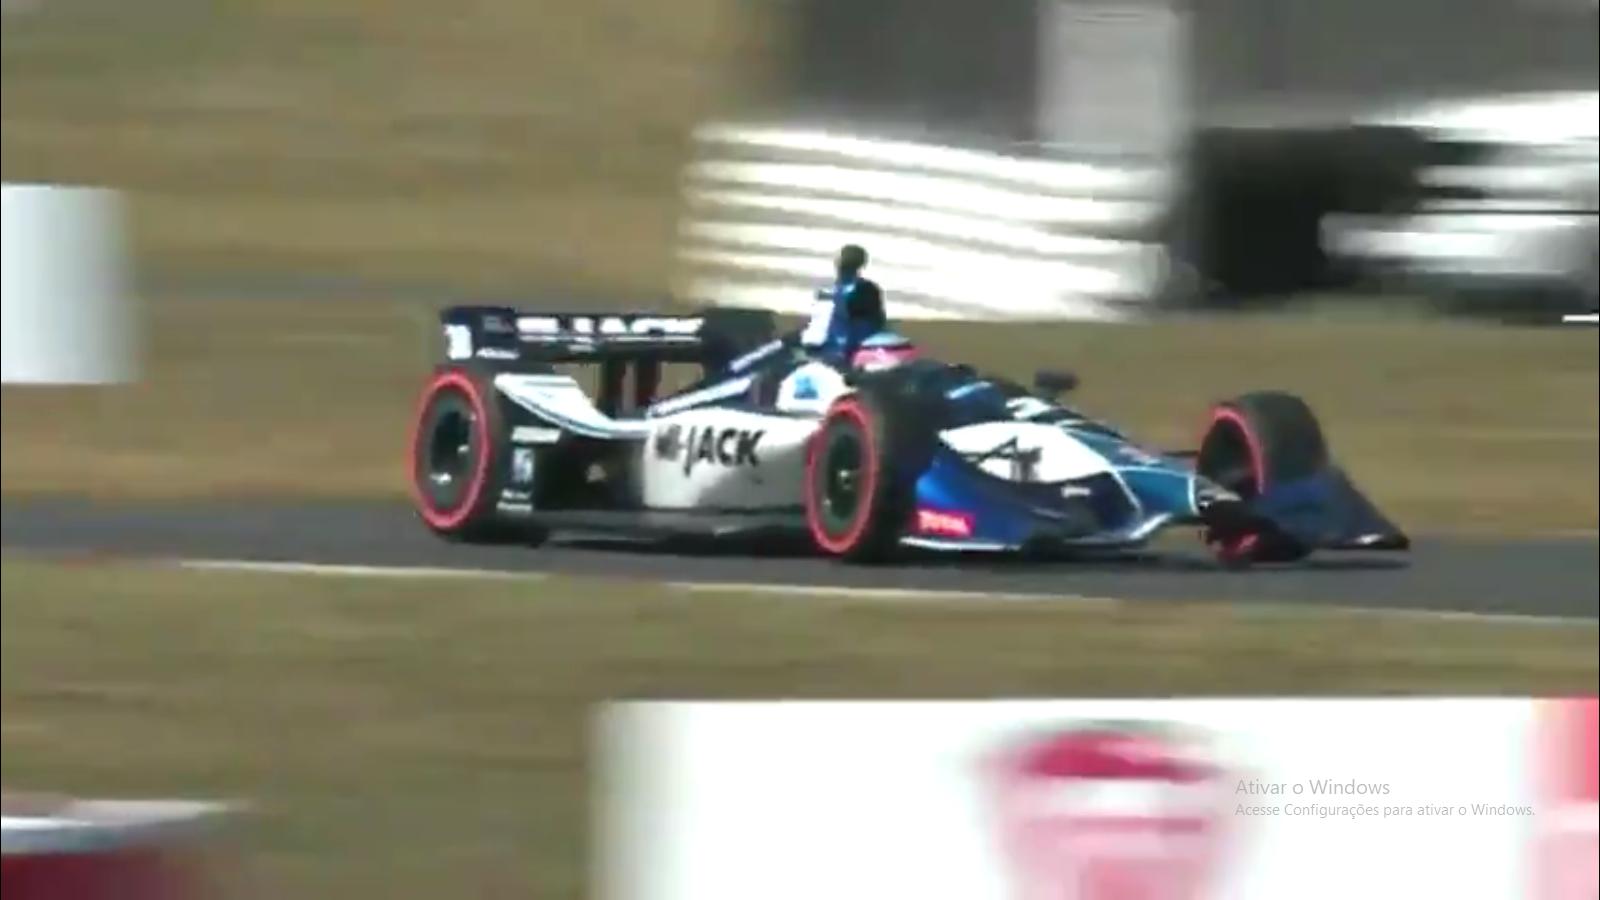 Calendario Formula Indy 2019.Indy Anuncia Calendario De 2019 Com Circuito Da Formula 1